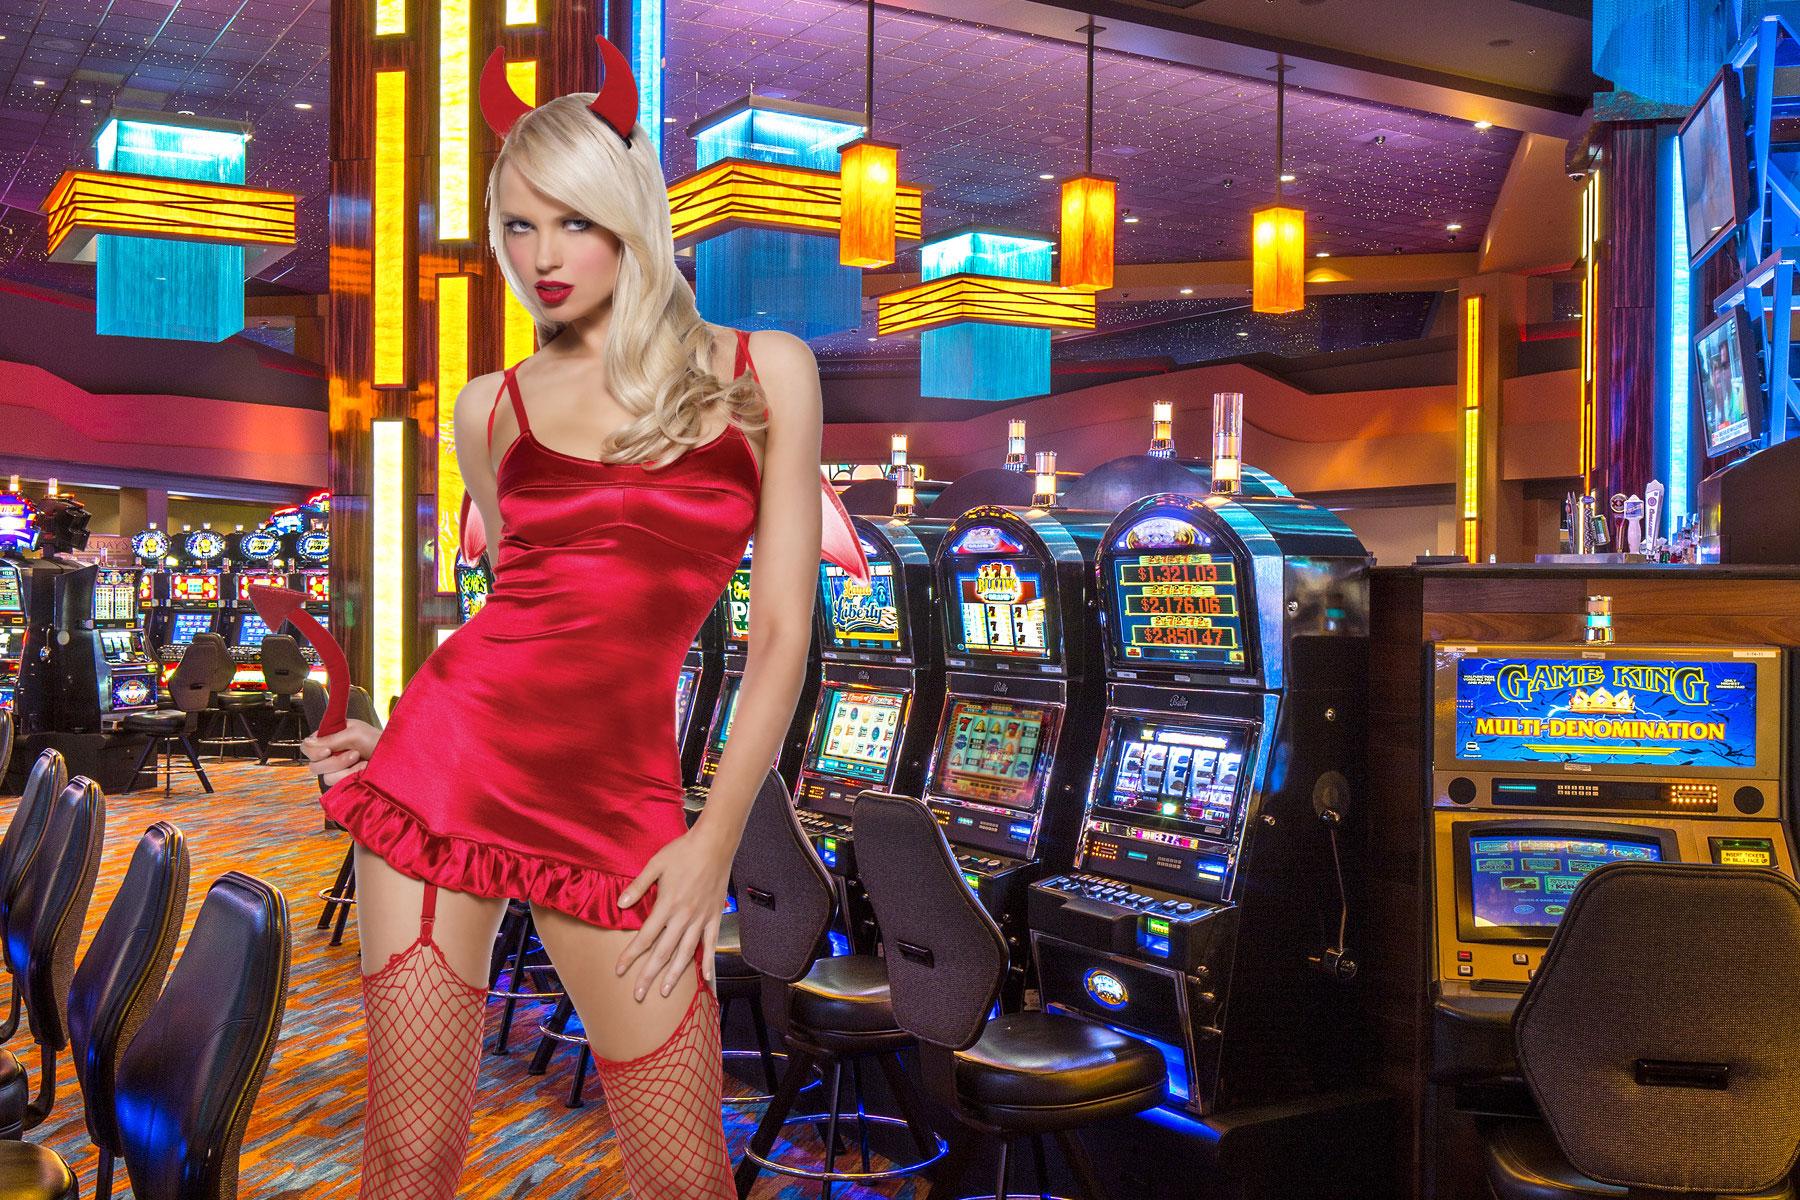 получить бездепозитный бонус для игры в казино